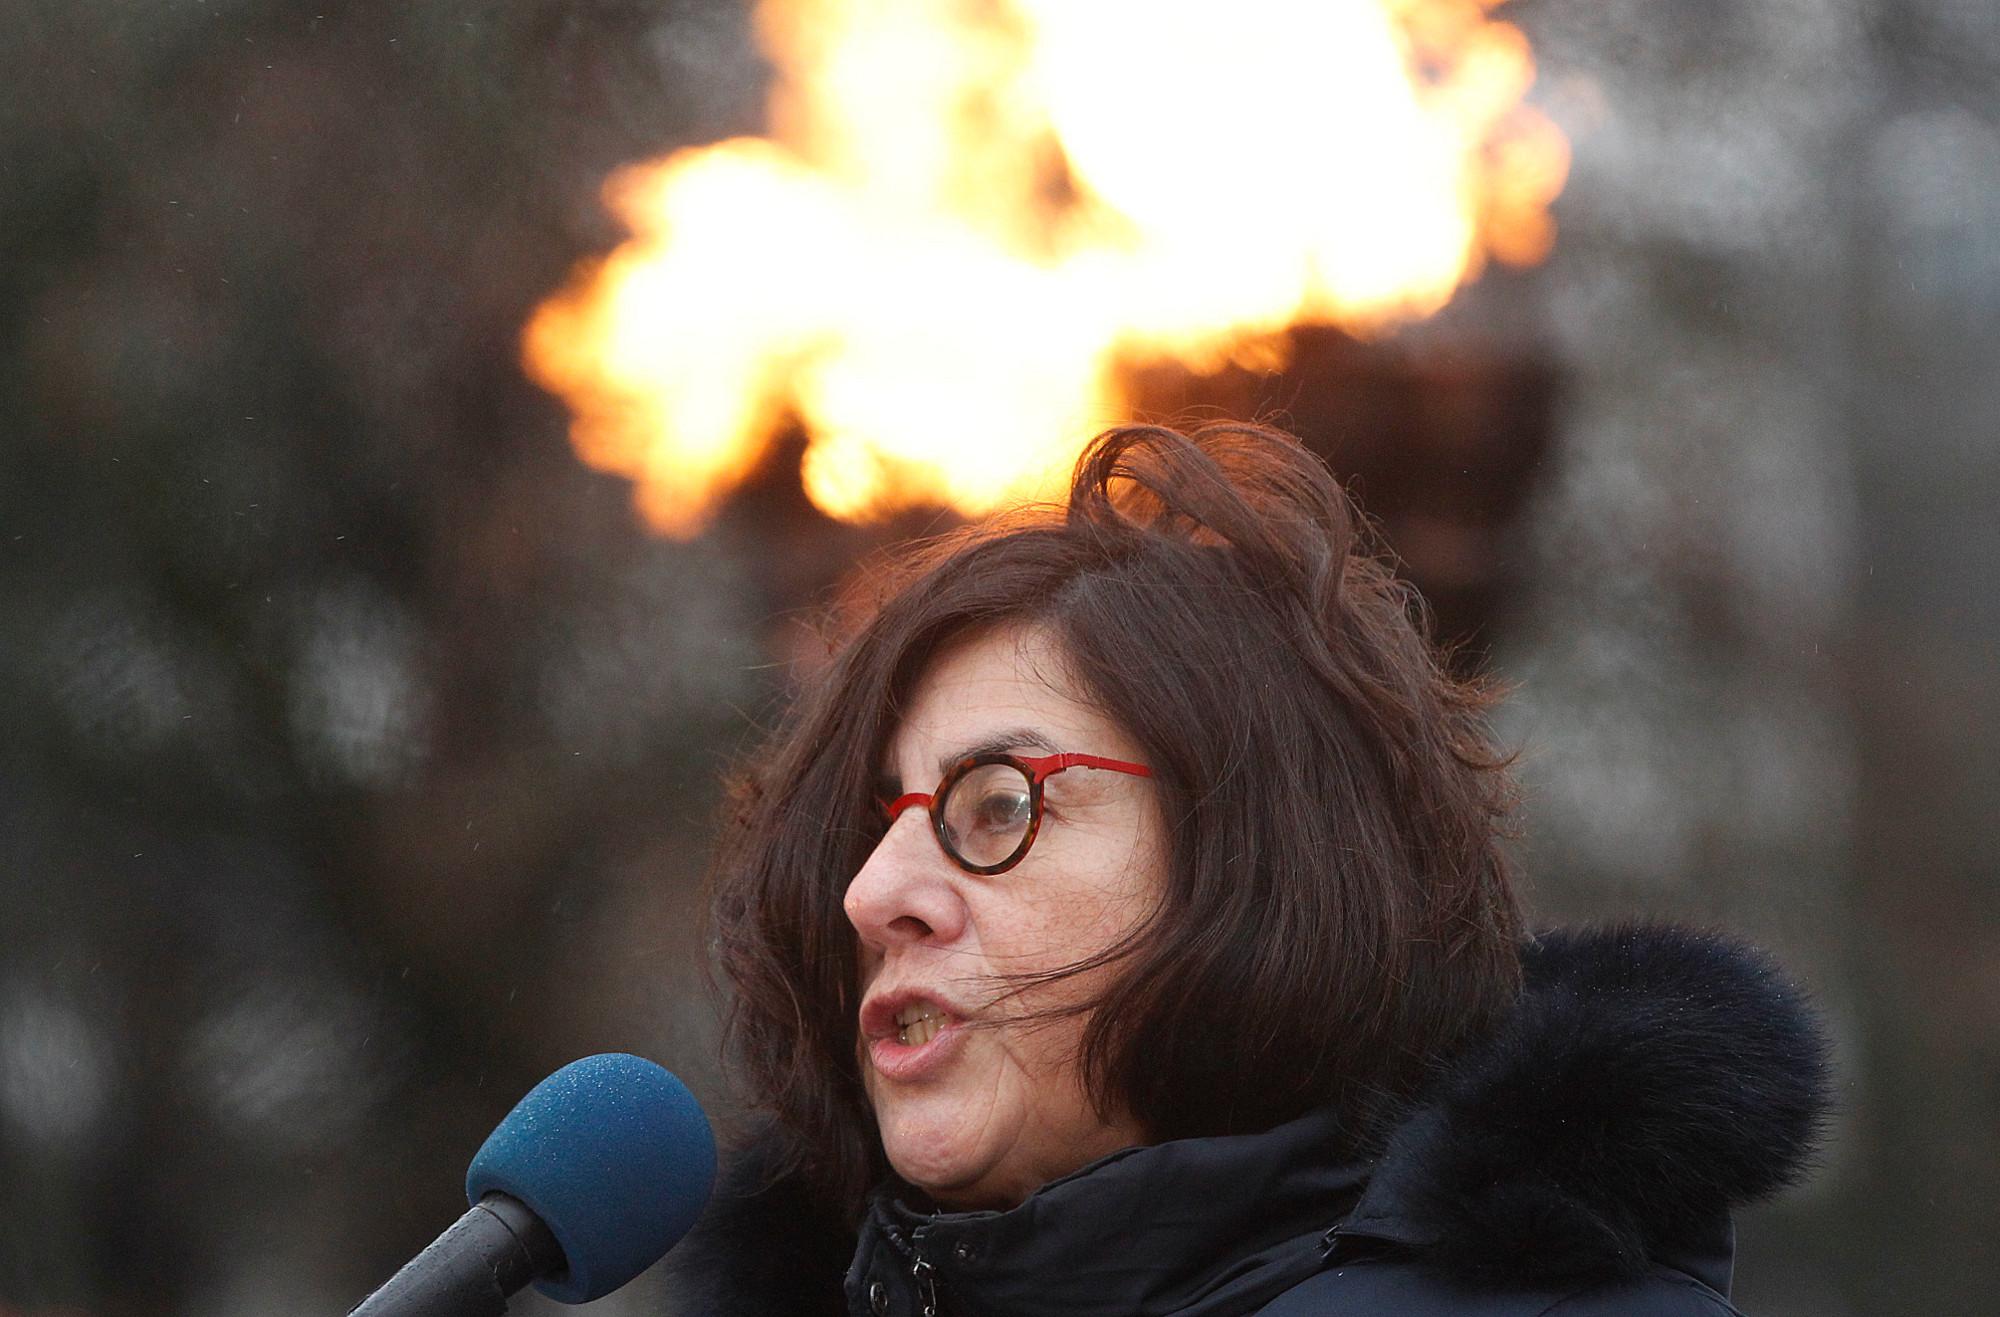 Ambasador Izraela w Polsce, Anna Azari, podczas obchodów 13. Międzynarodowego Dnia Pamięci o Ofiarach Holocaustu (fot. AP Photo / Czarek Sokołowski)